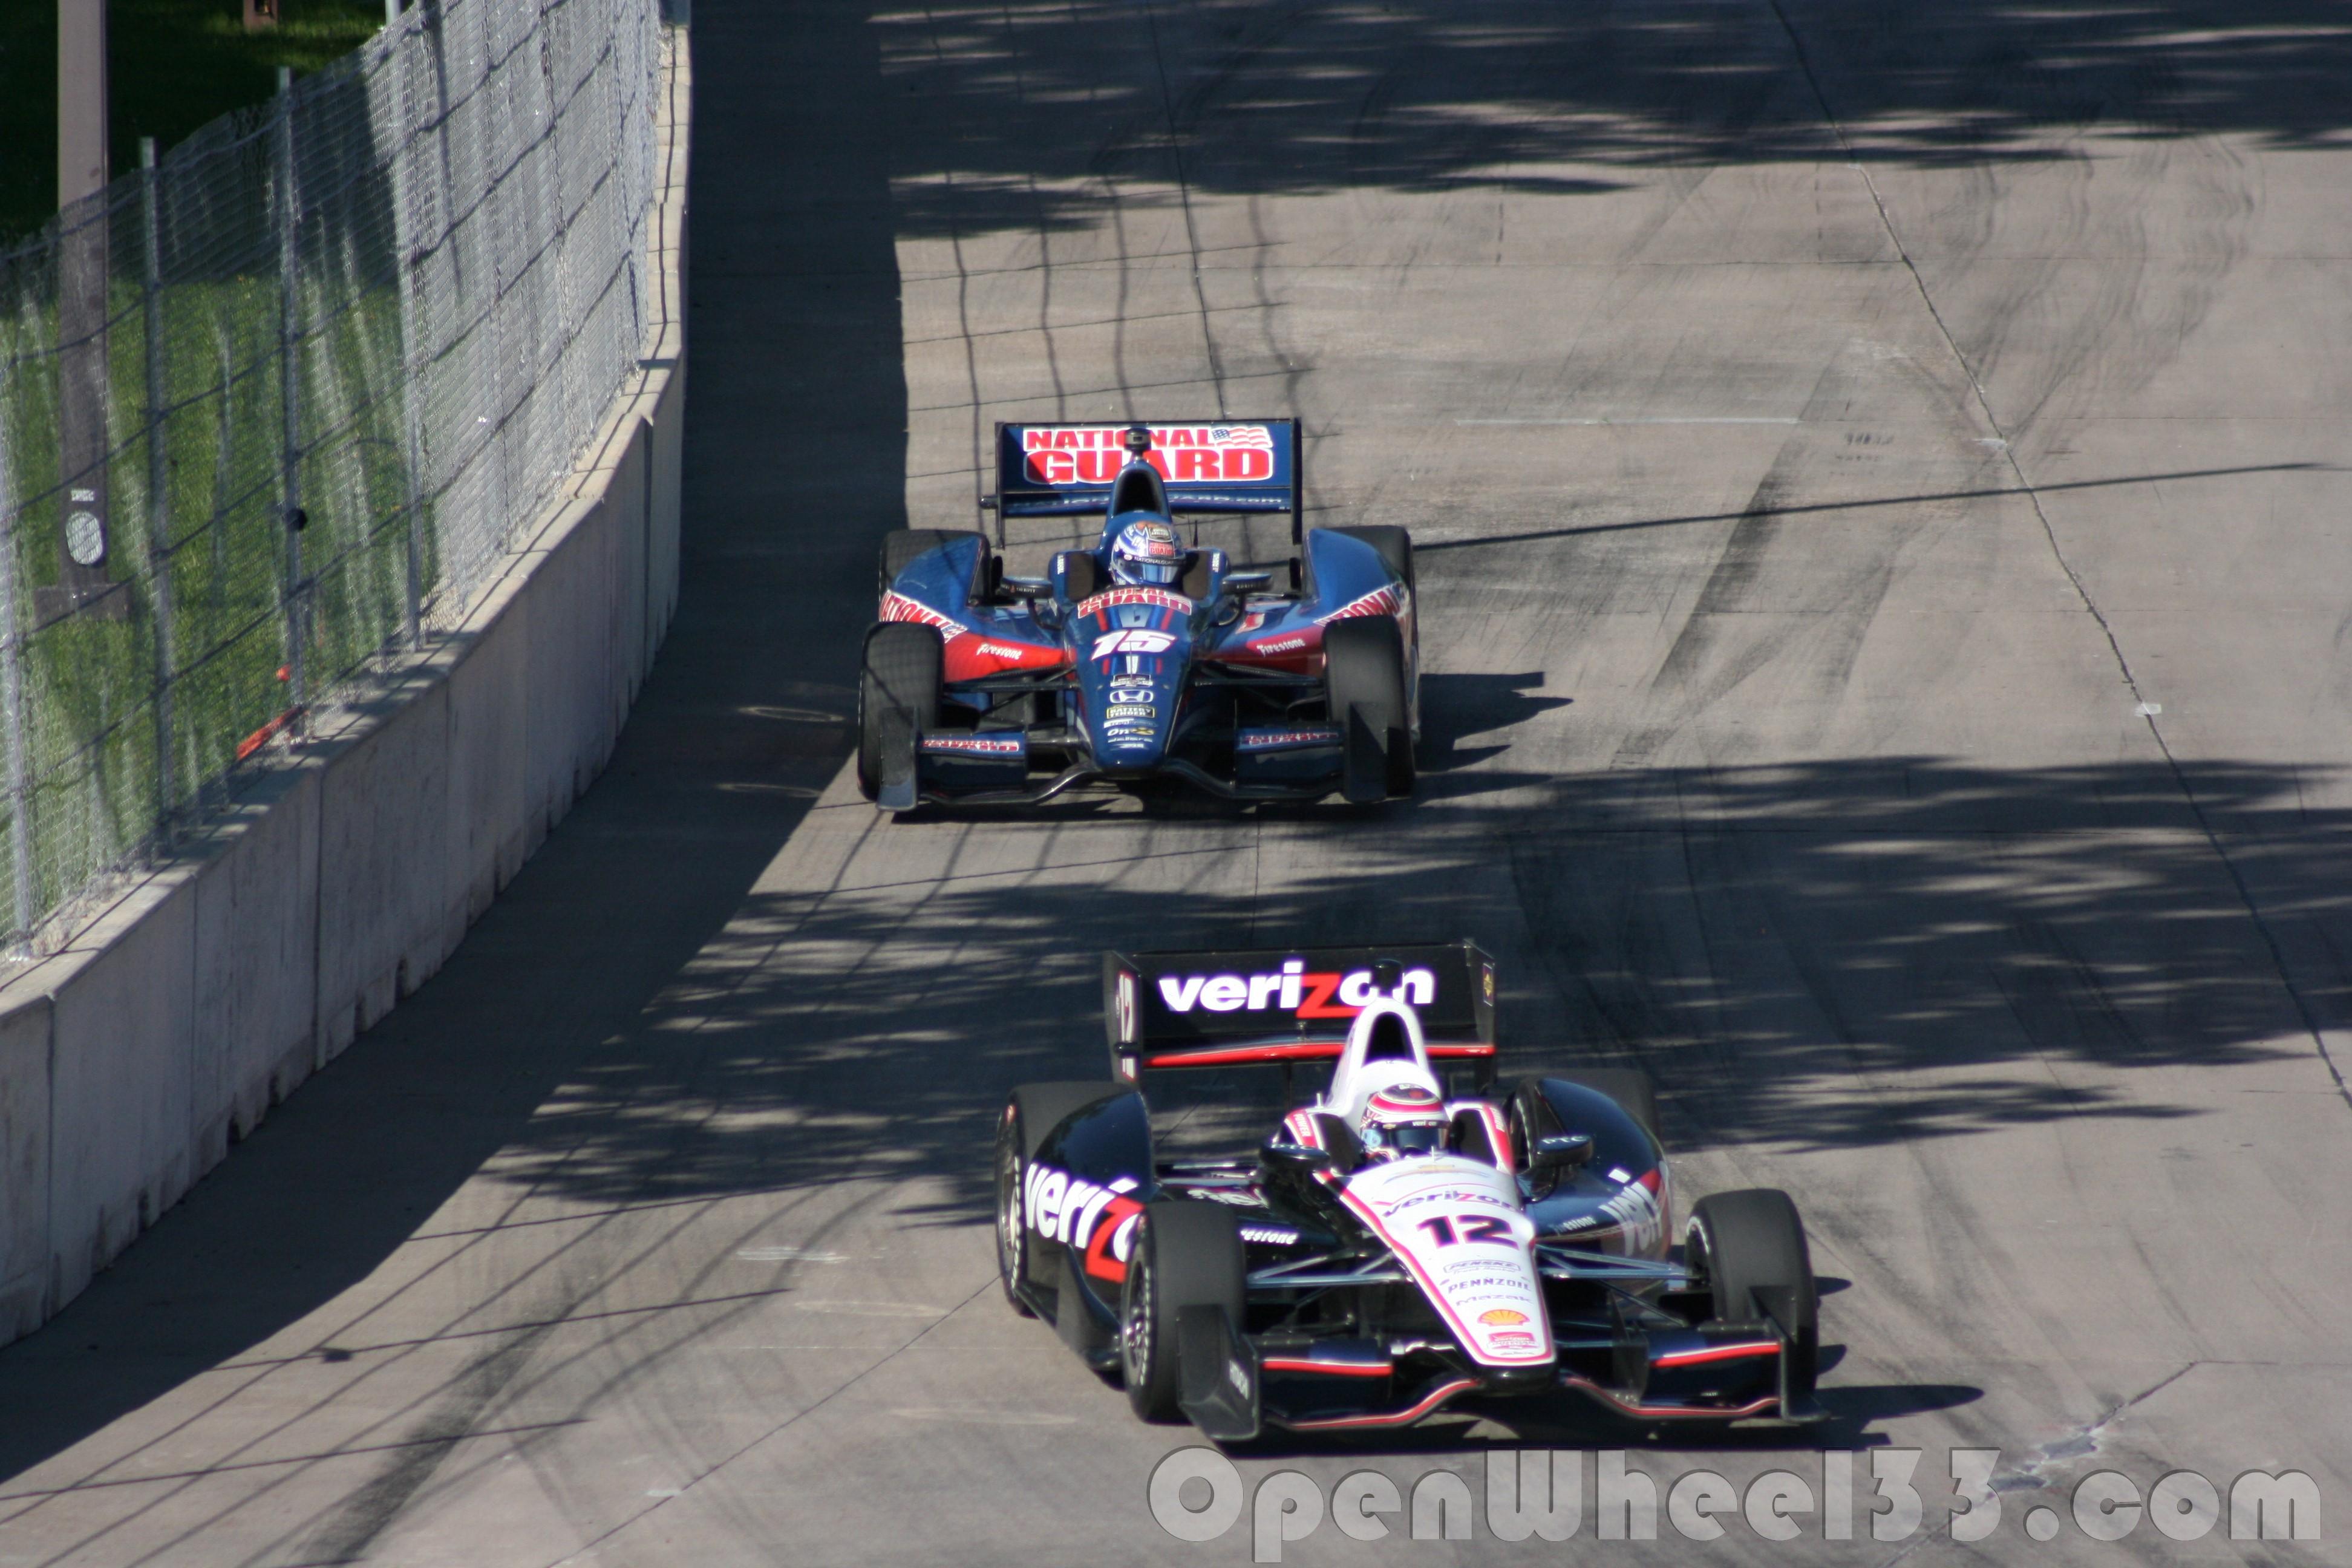 2014 Detroit GP R1 - 79 - PH